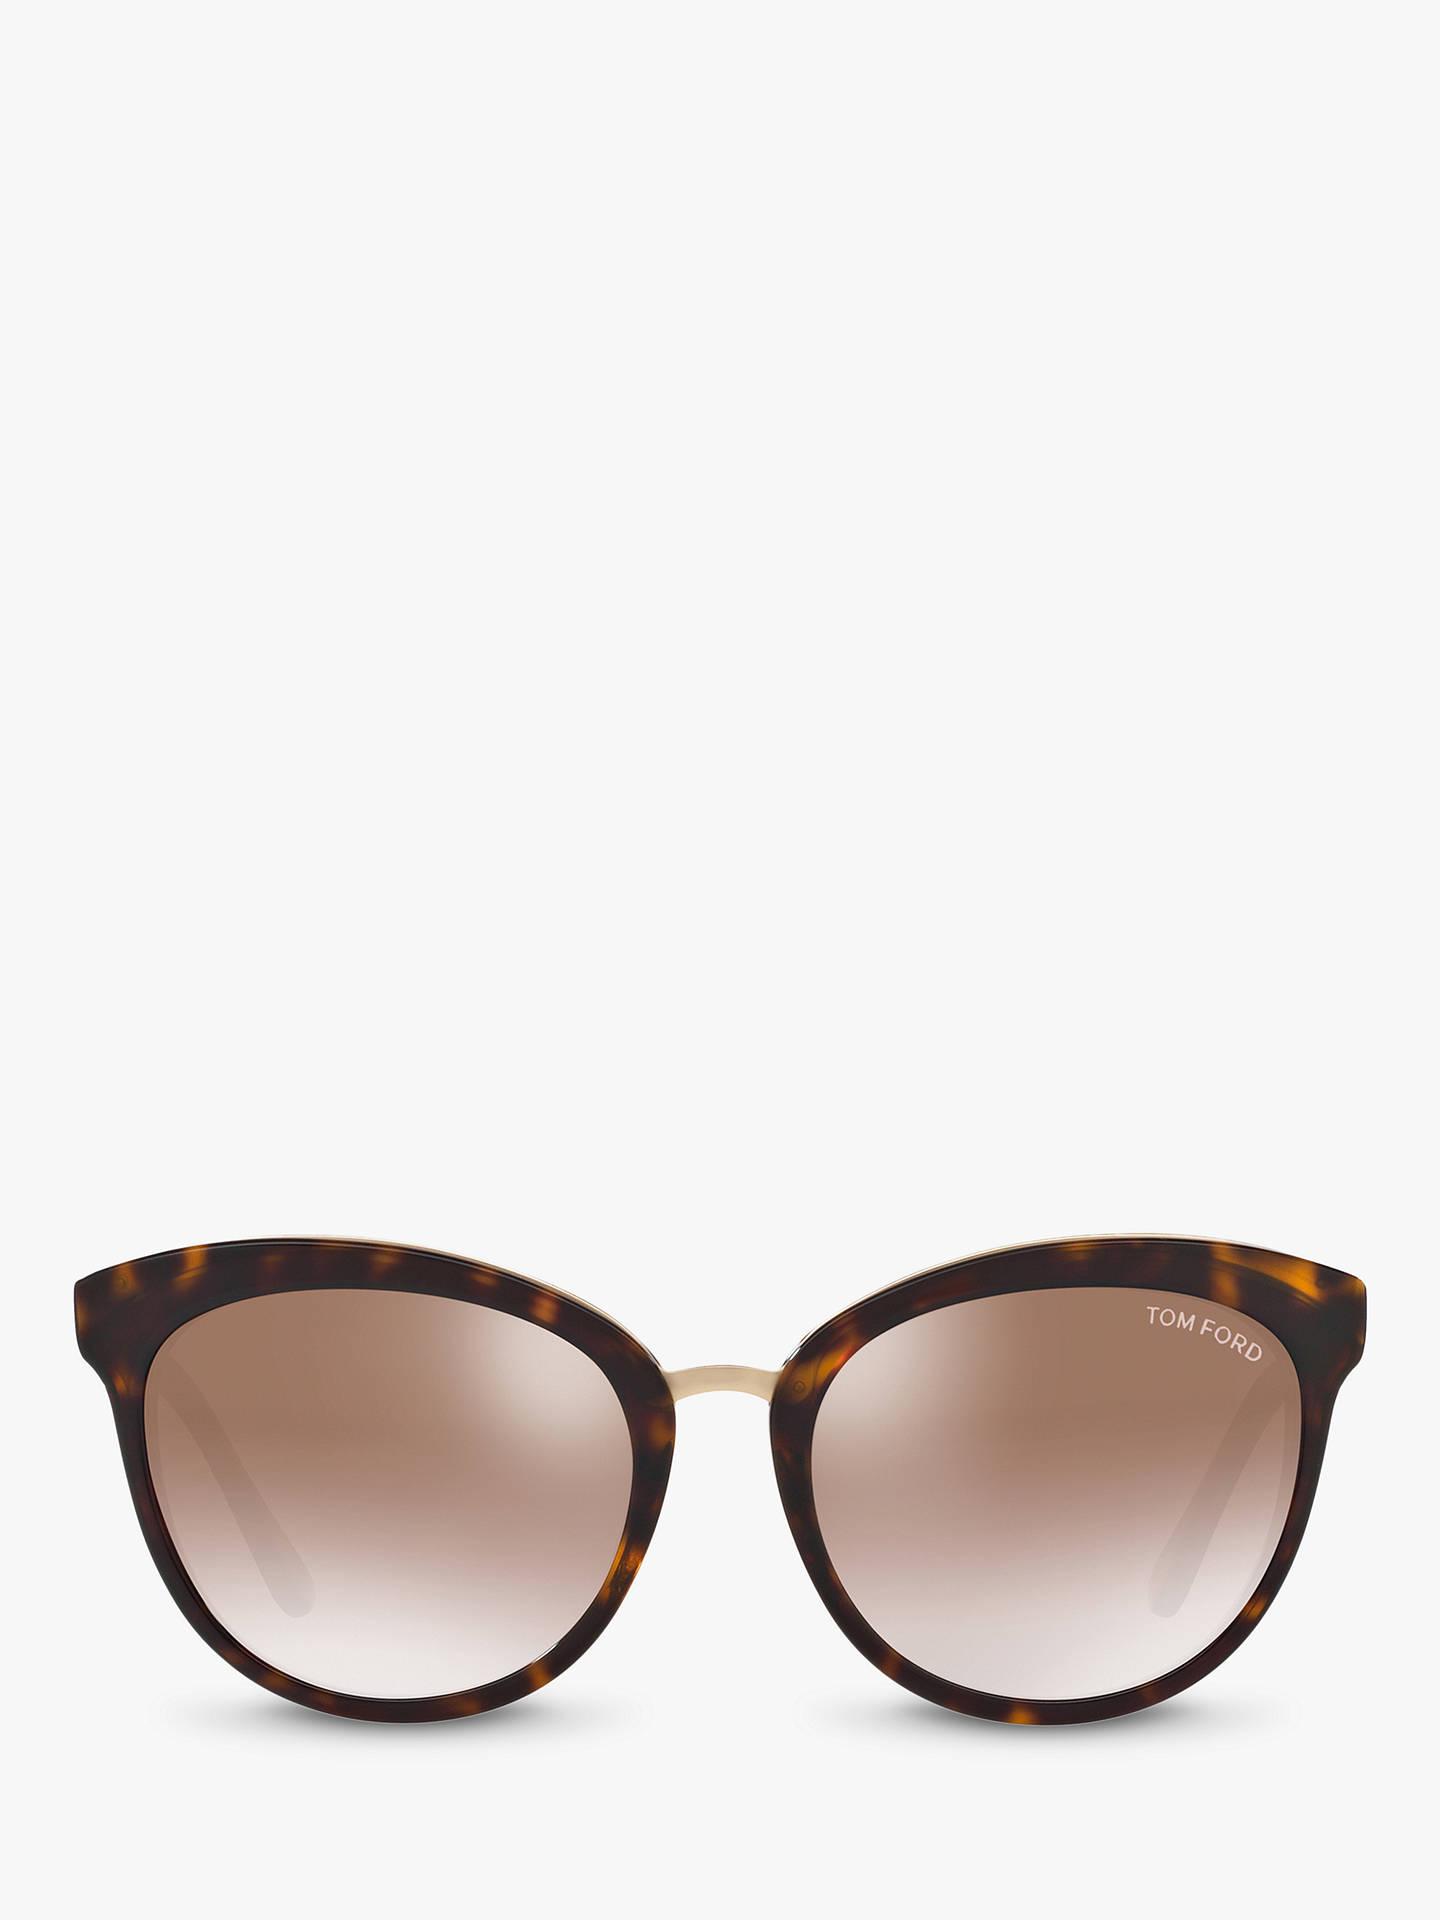 ab82e495fc ... Buy TOM FORD FT0461 Emma Cat s Eye Sunglasses